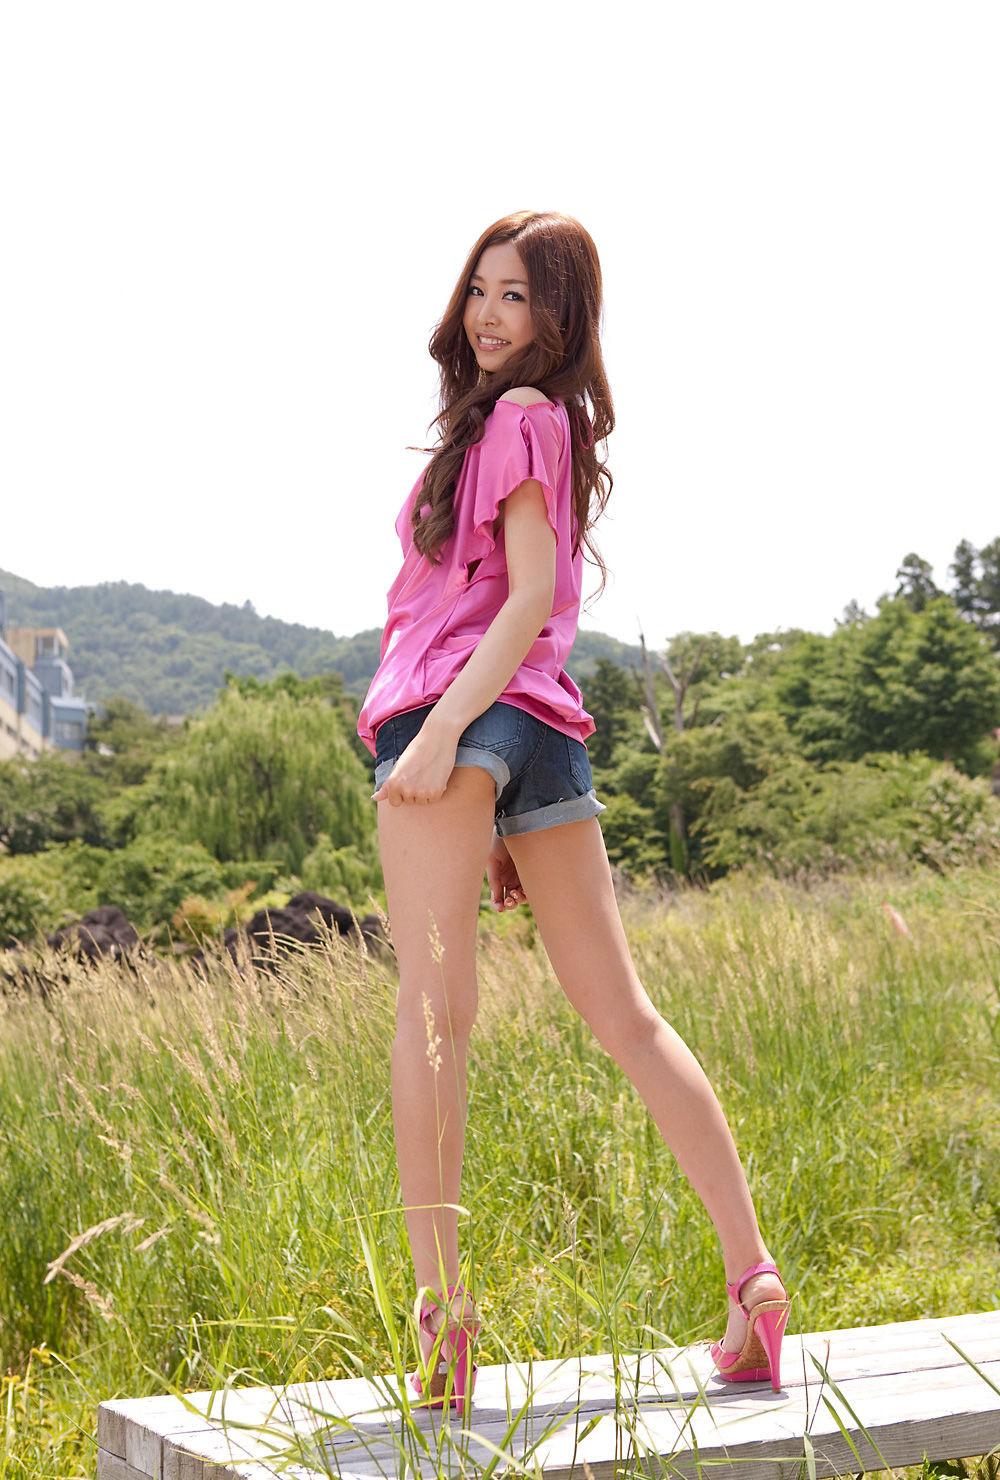 原更紗(夏目彩春) 画像 3